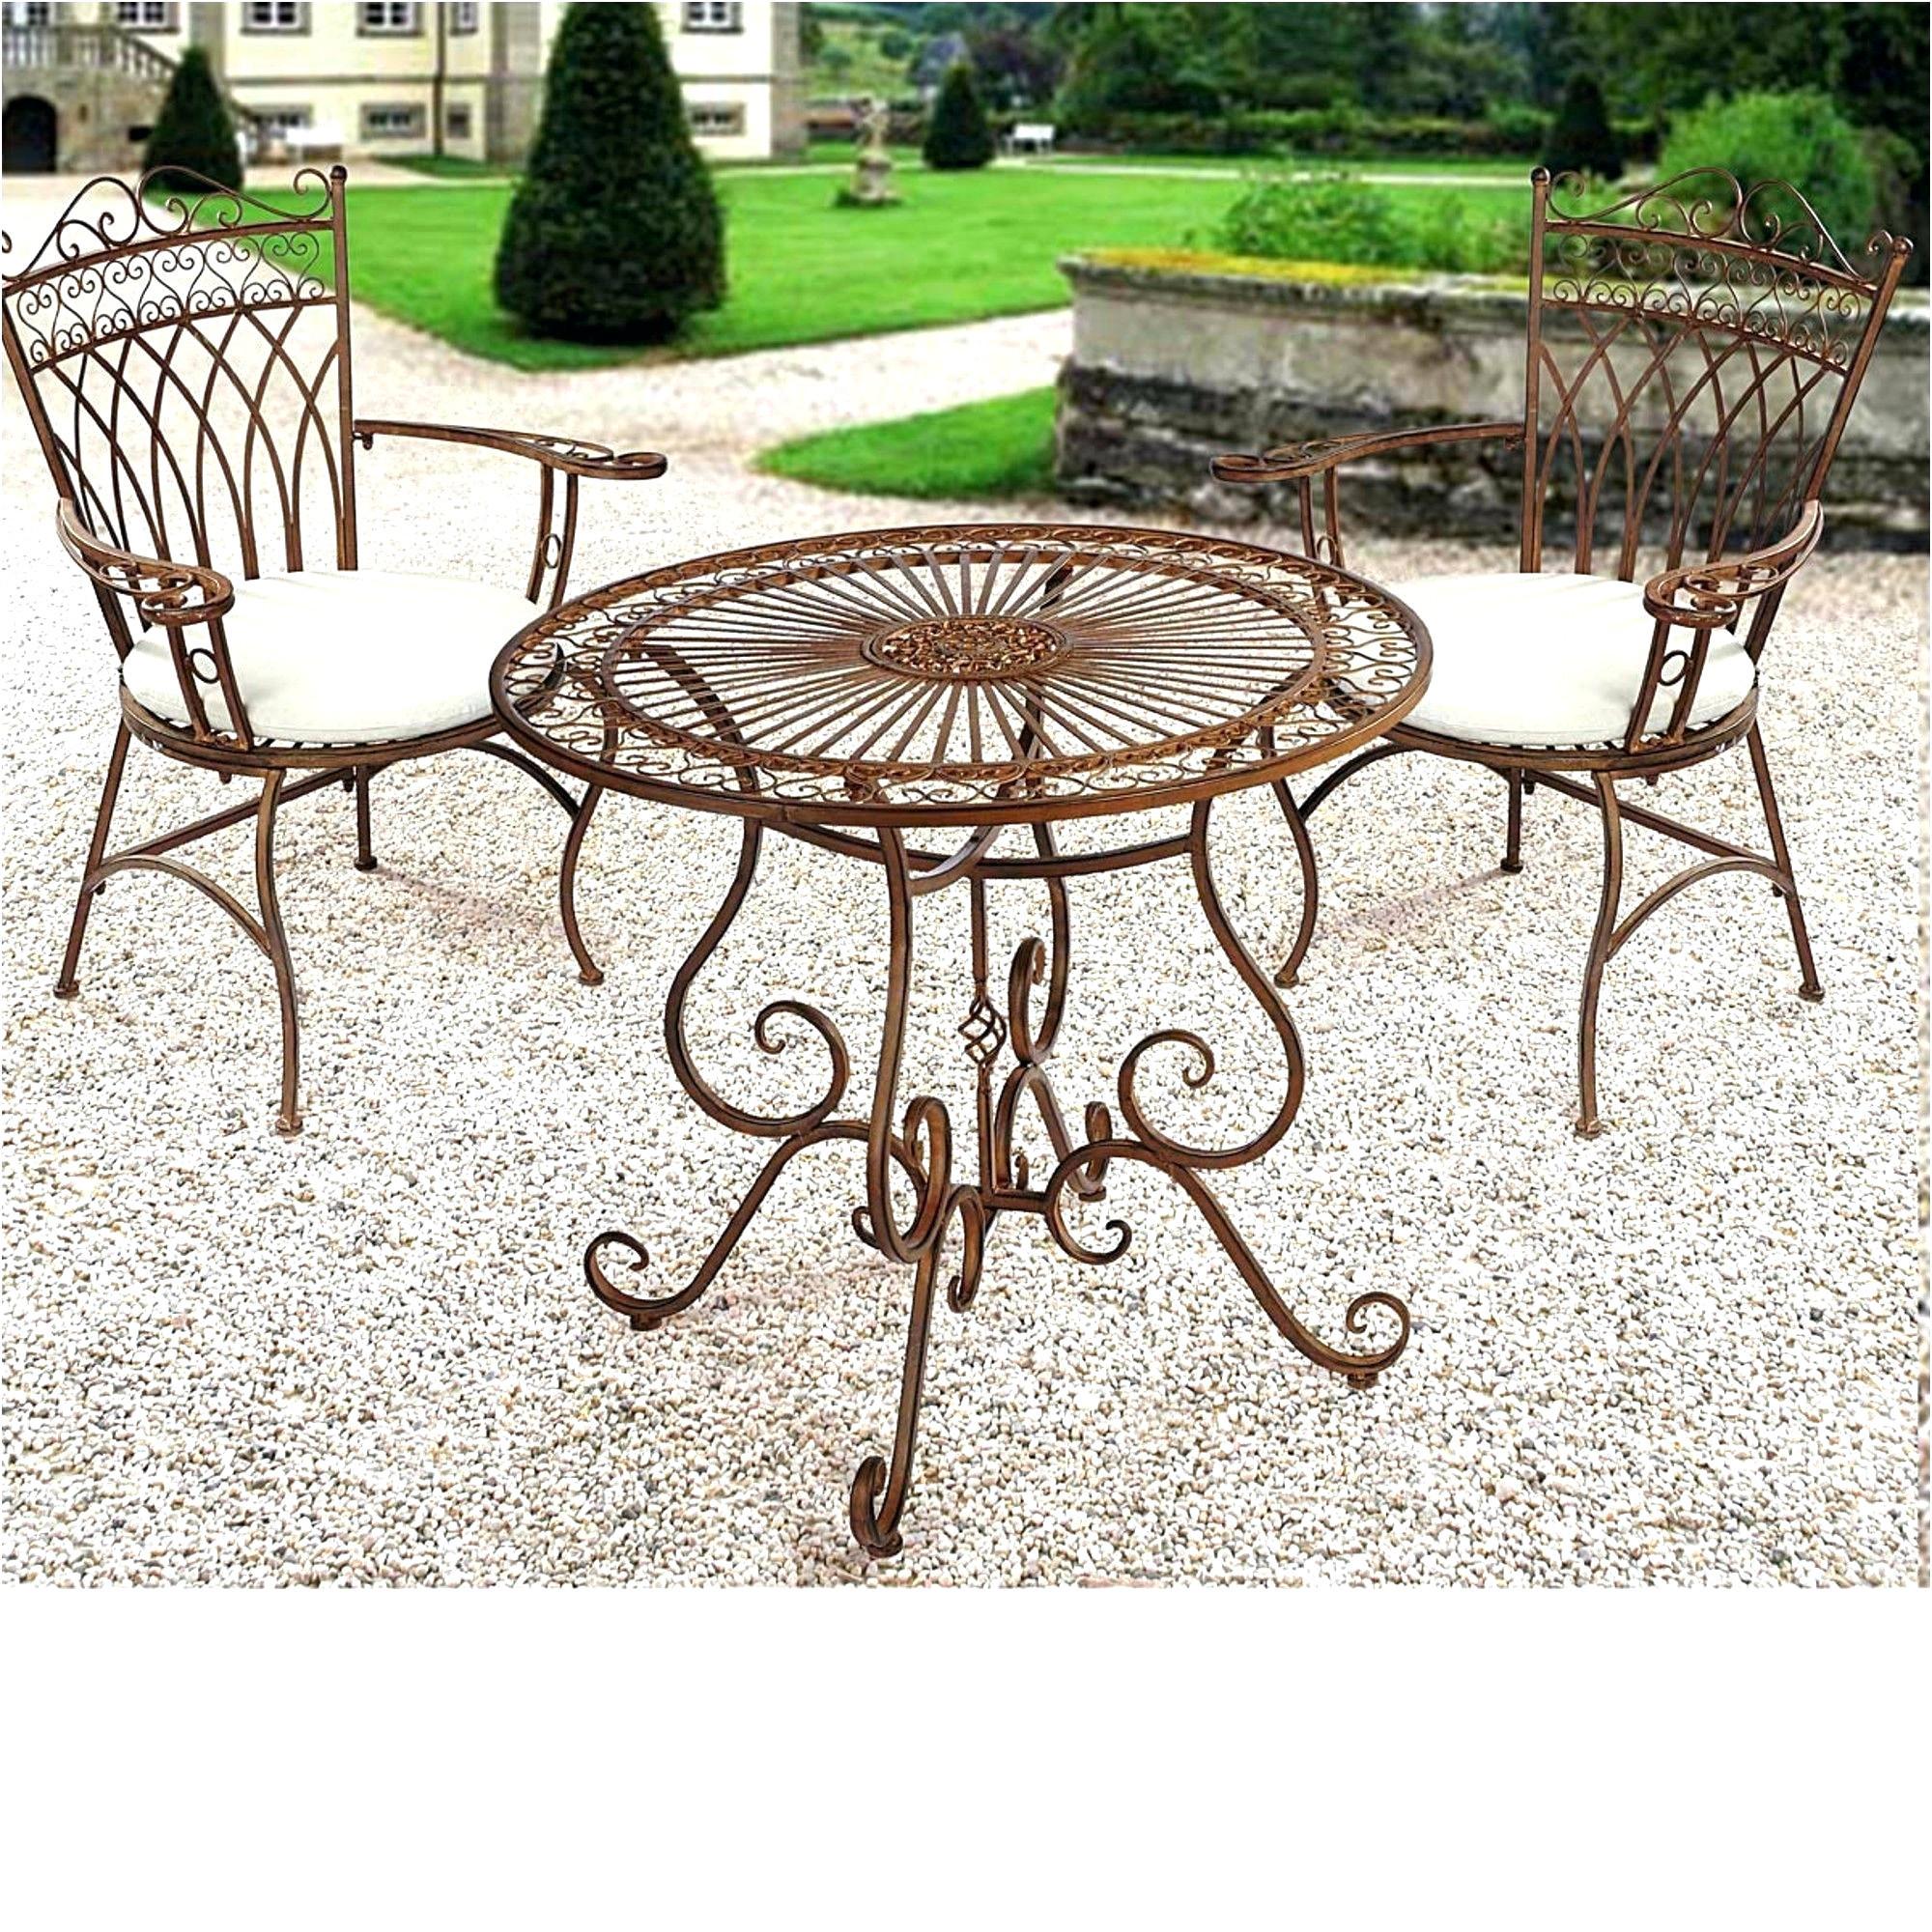 Bordure De Jardin En Pierre Pas Cher Luxe Photos Grande Fontaine De Jardin Plus Regard solennel Table De Jardin Xxl